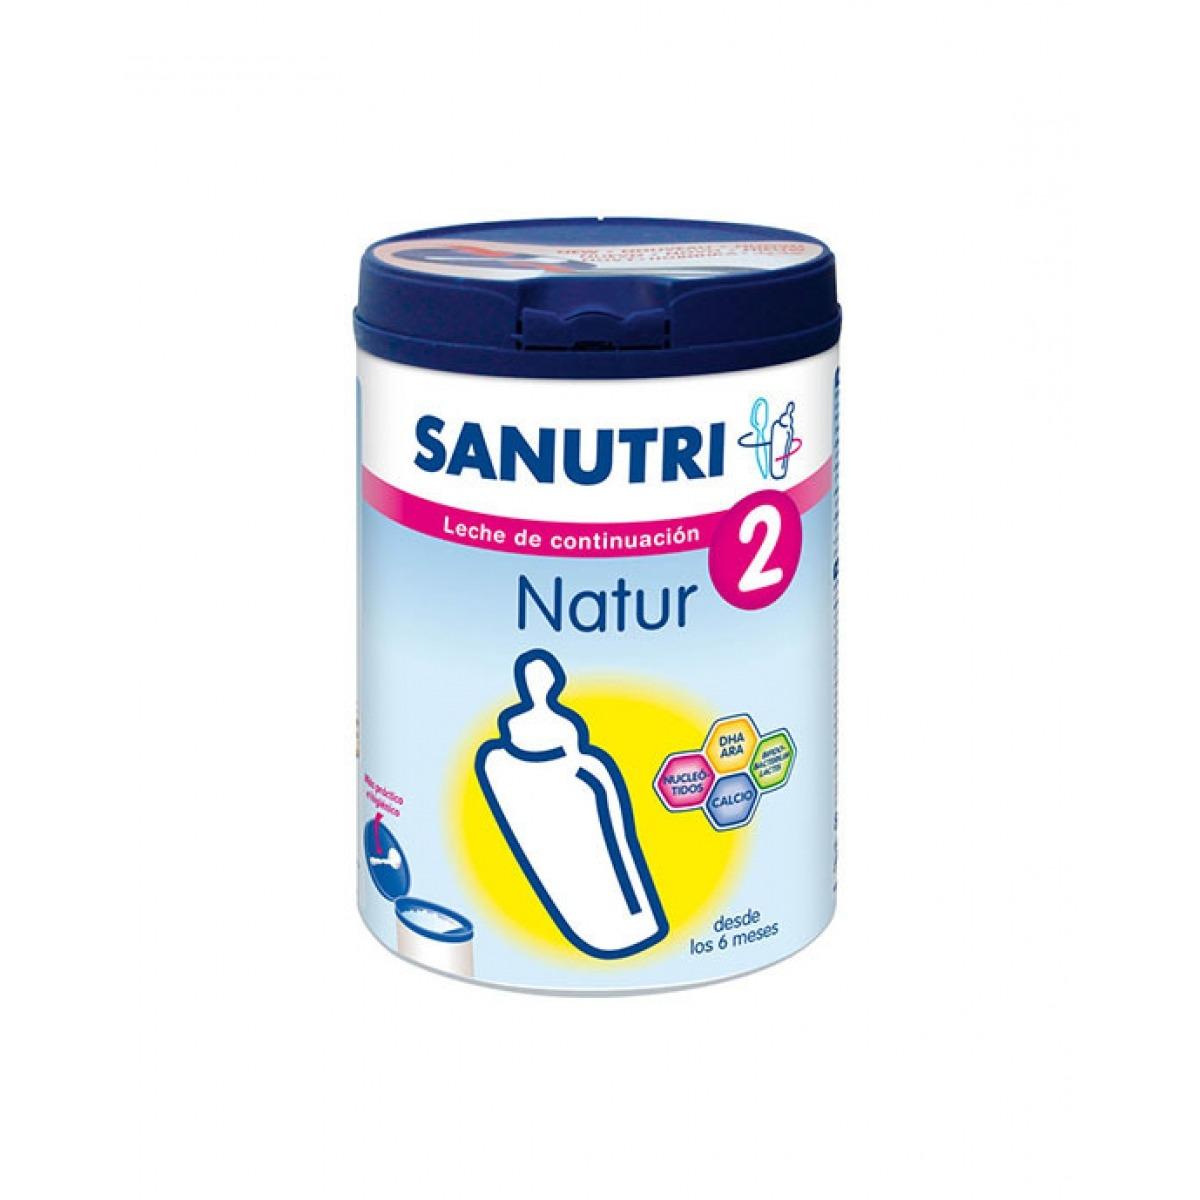 SANUTRI NATUR 2 800 G.